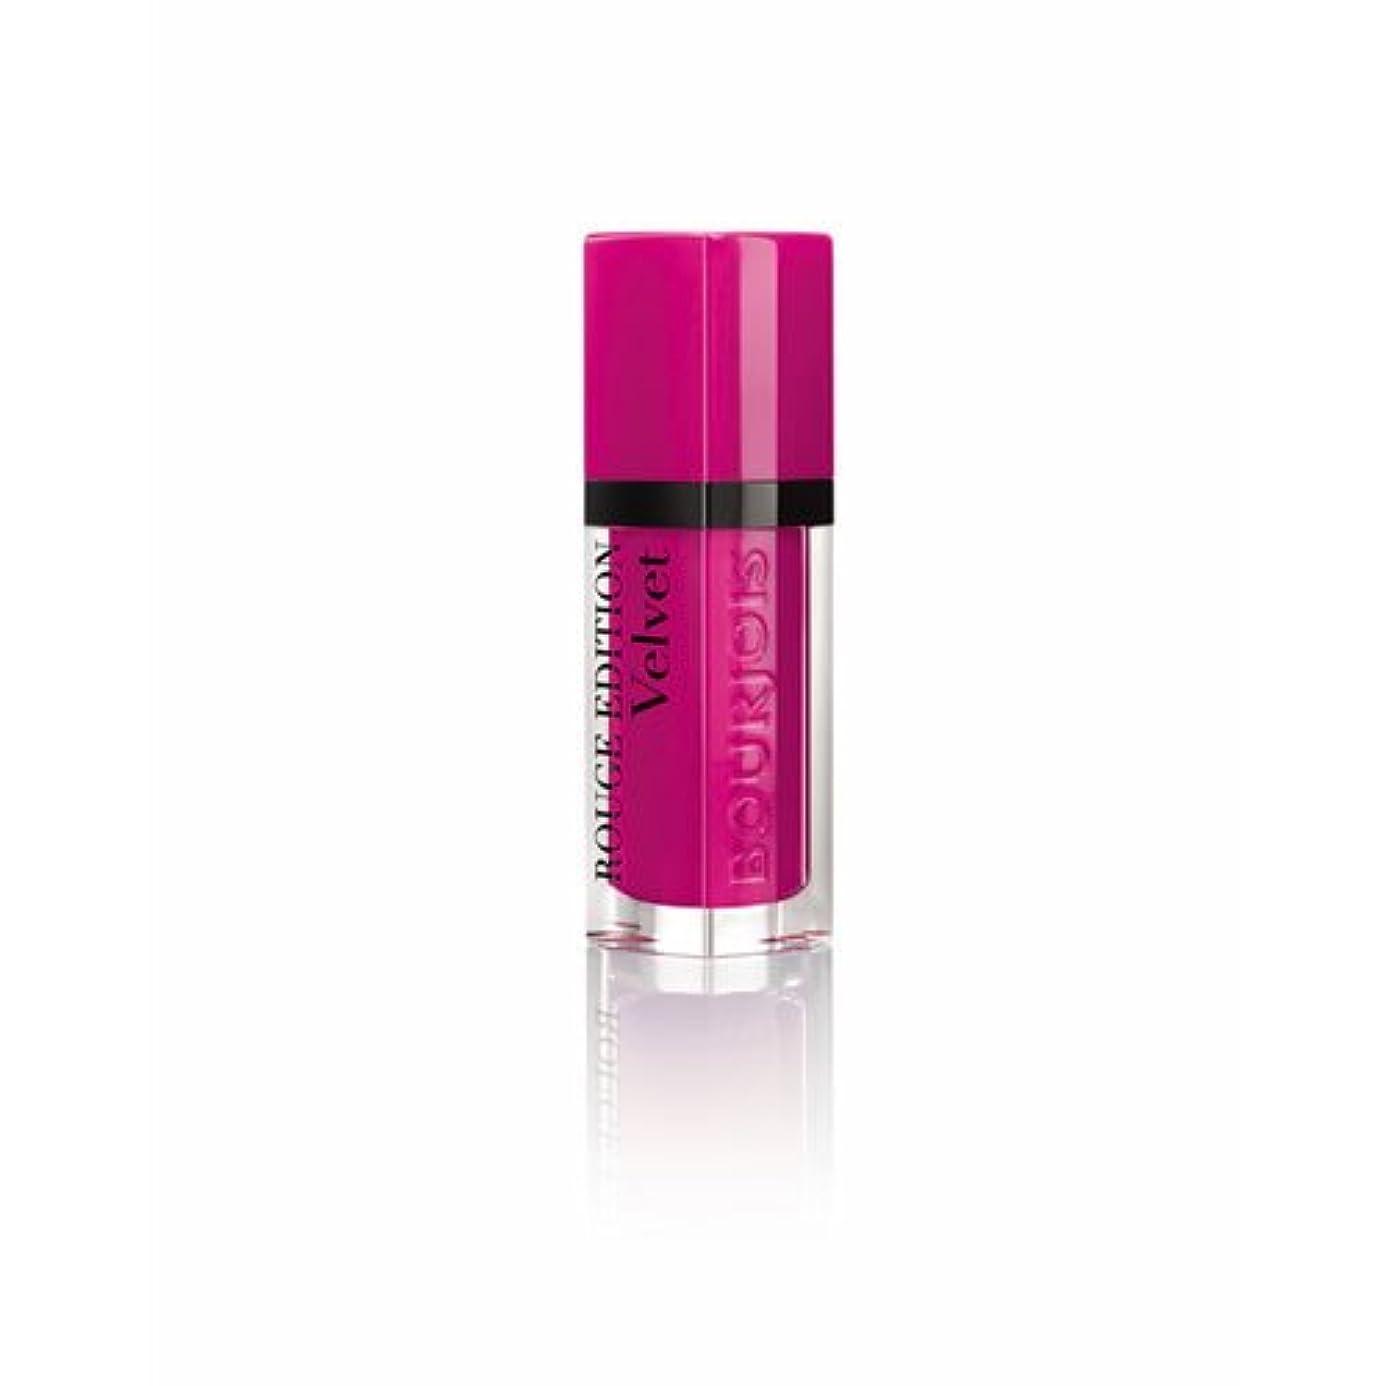 シャット機構松明ブルジョワ ルージュエディション ヴェルベット リップスティック (06 ピンク ポング) BOURJOIS ROUGE EDITION VELVET LIPSTICK 06 Pink Pong(ポスト投函対応) [並行輸入品]